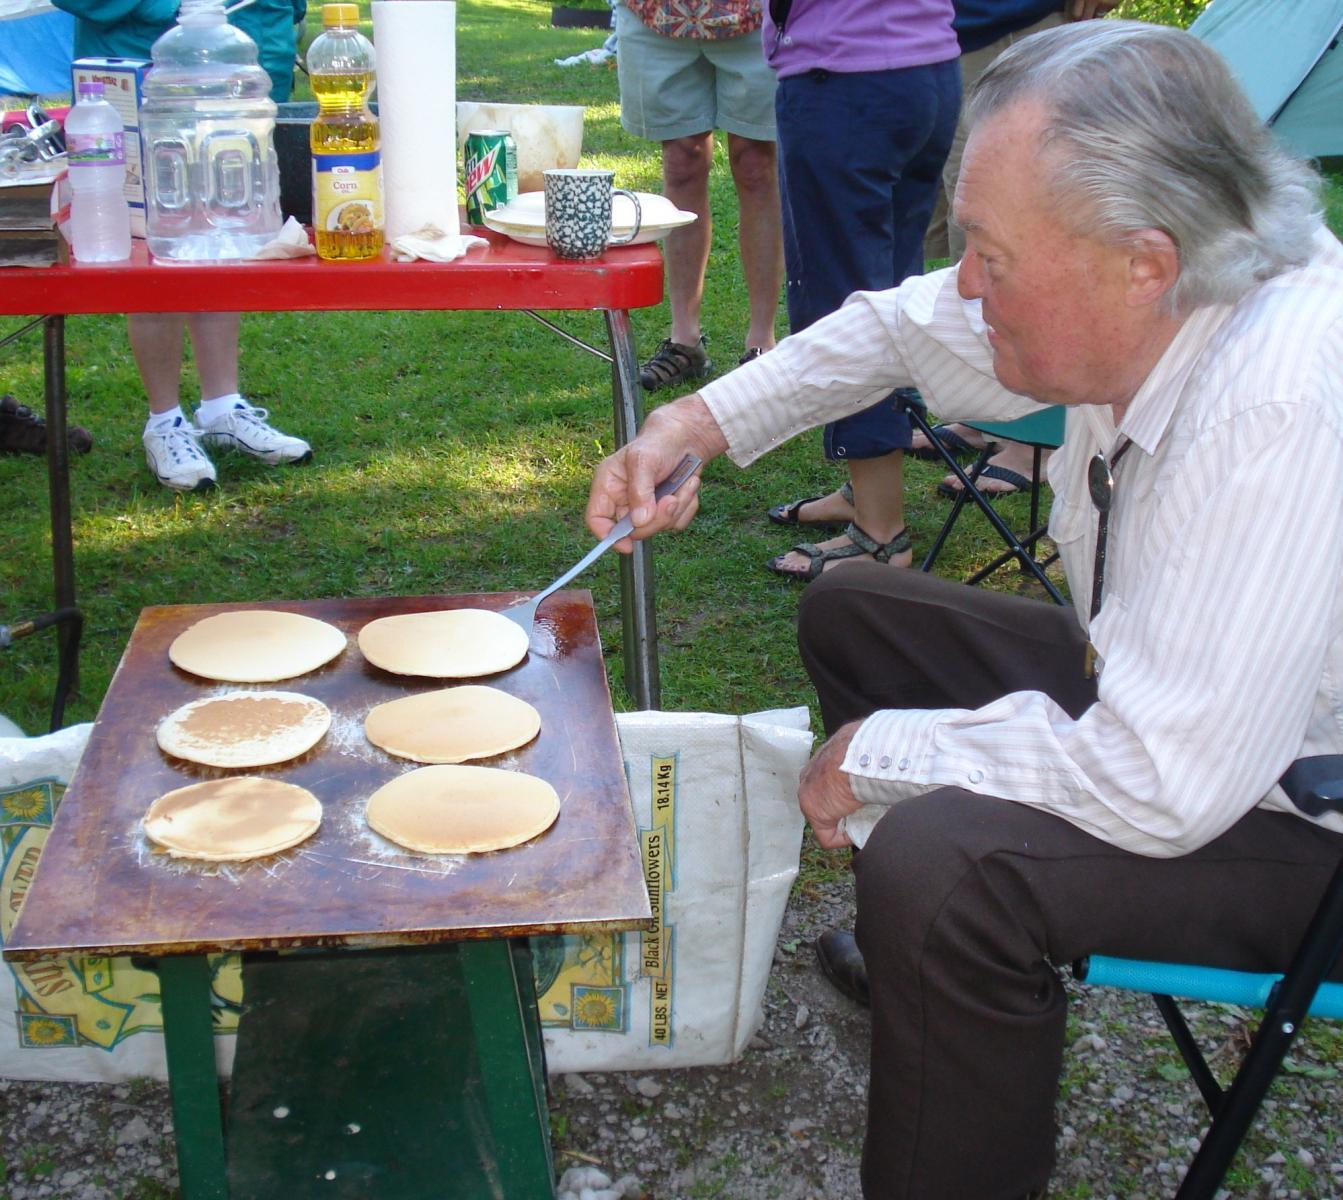 Harlan's 40-year-old pancake grill.